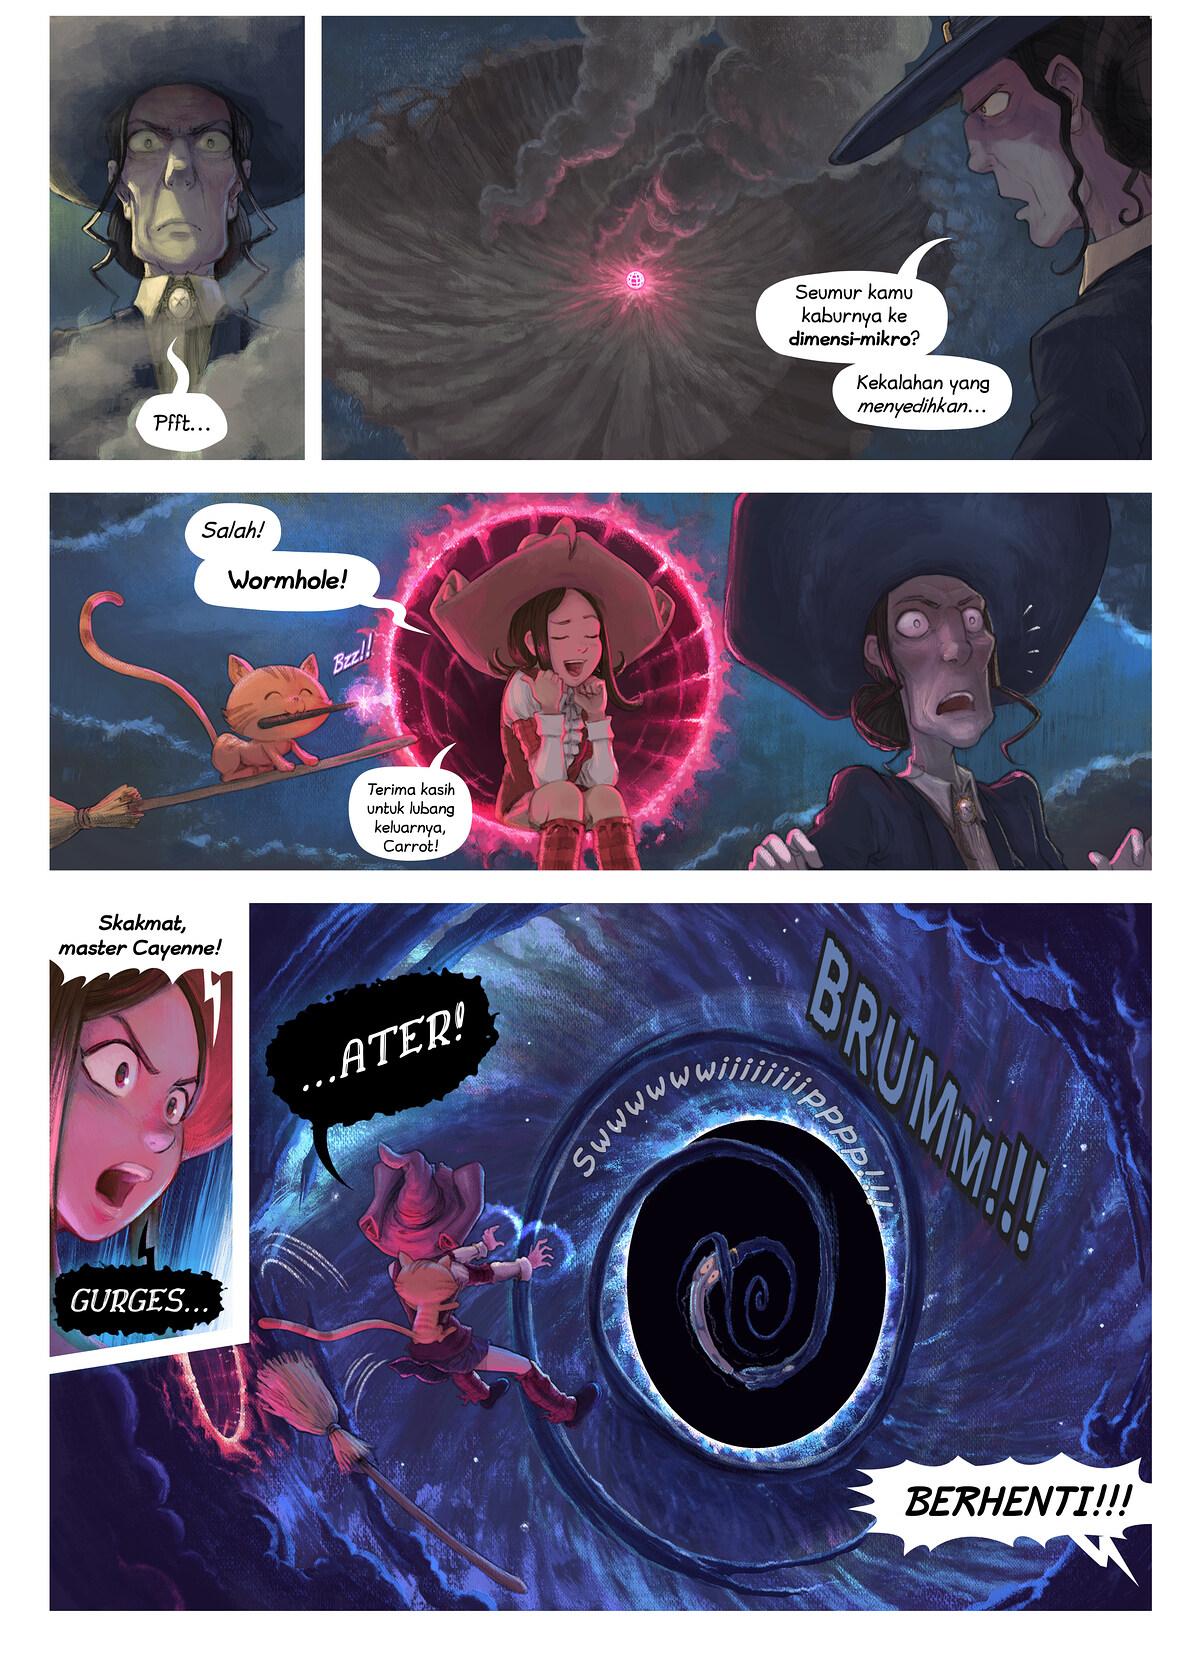 Episode 31: Pertarungan, Page 5